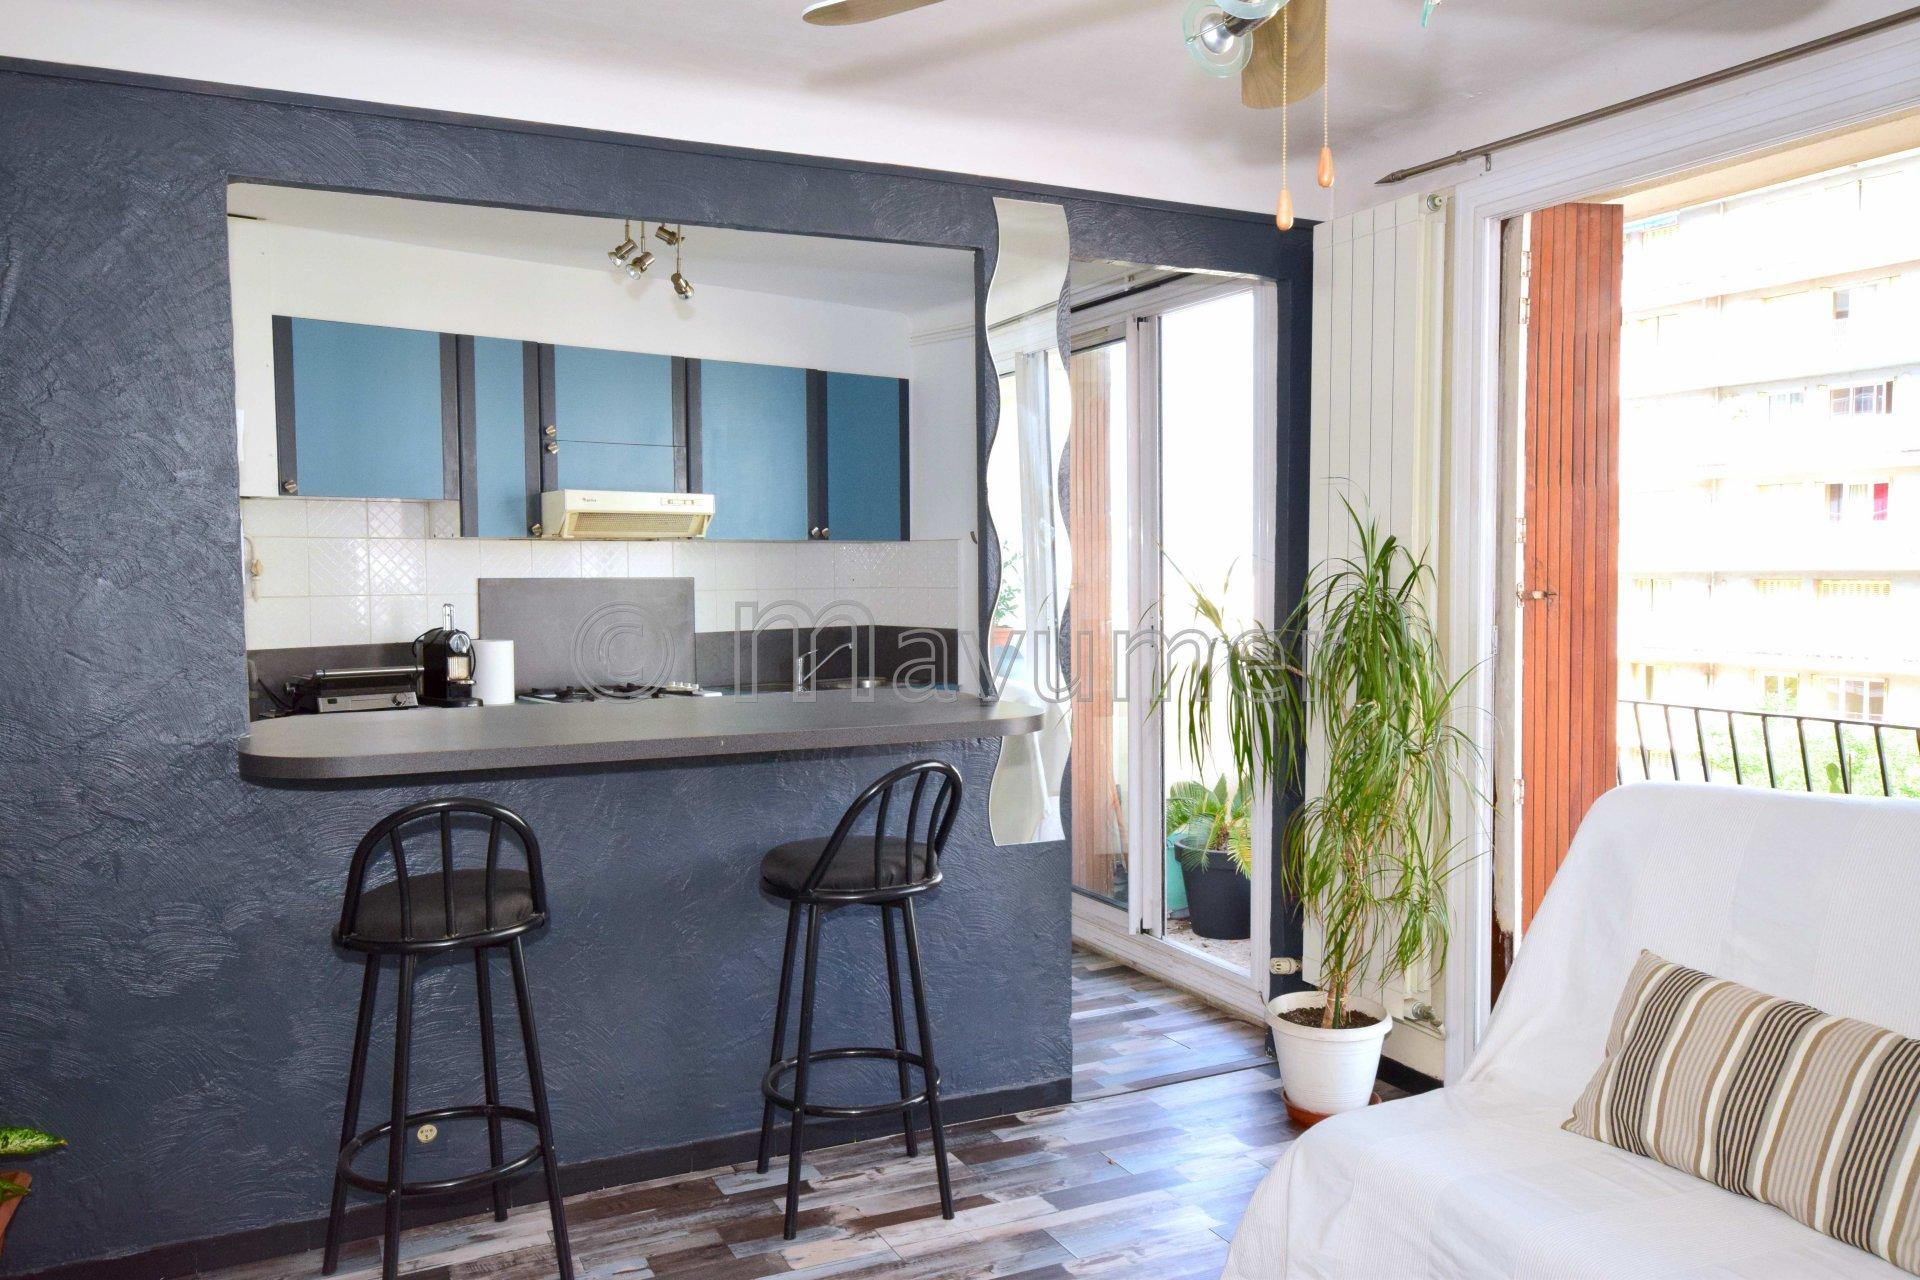 Appartement T3 - balcon vue mer - 13004 Marseille Les Chutes Lavie